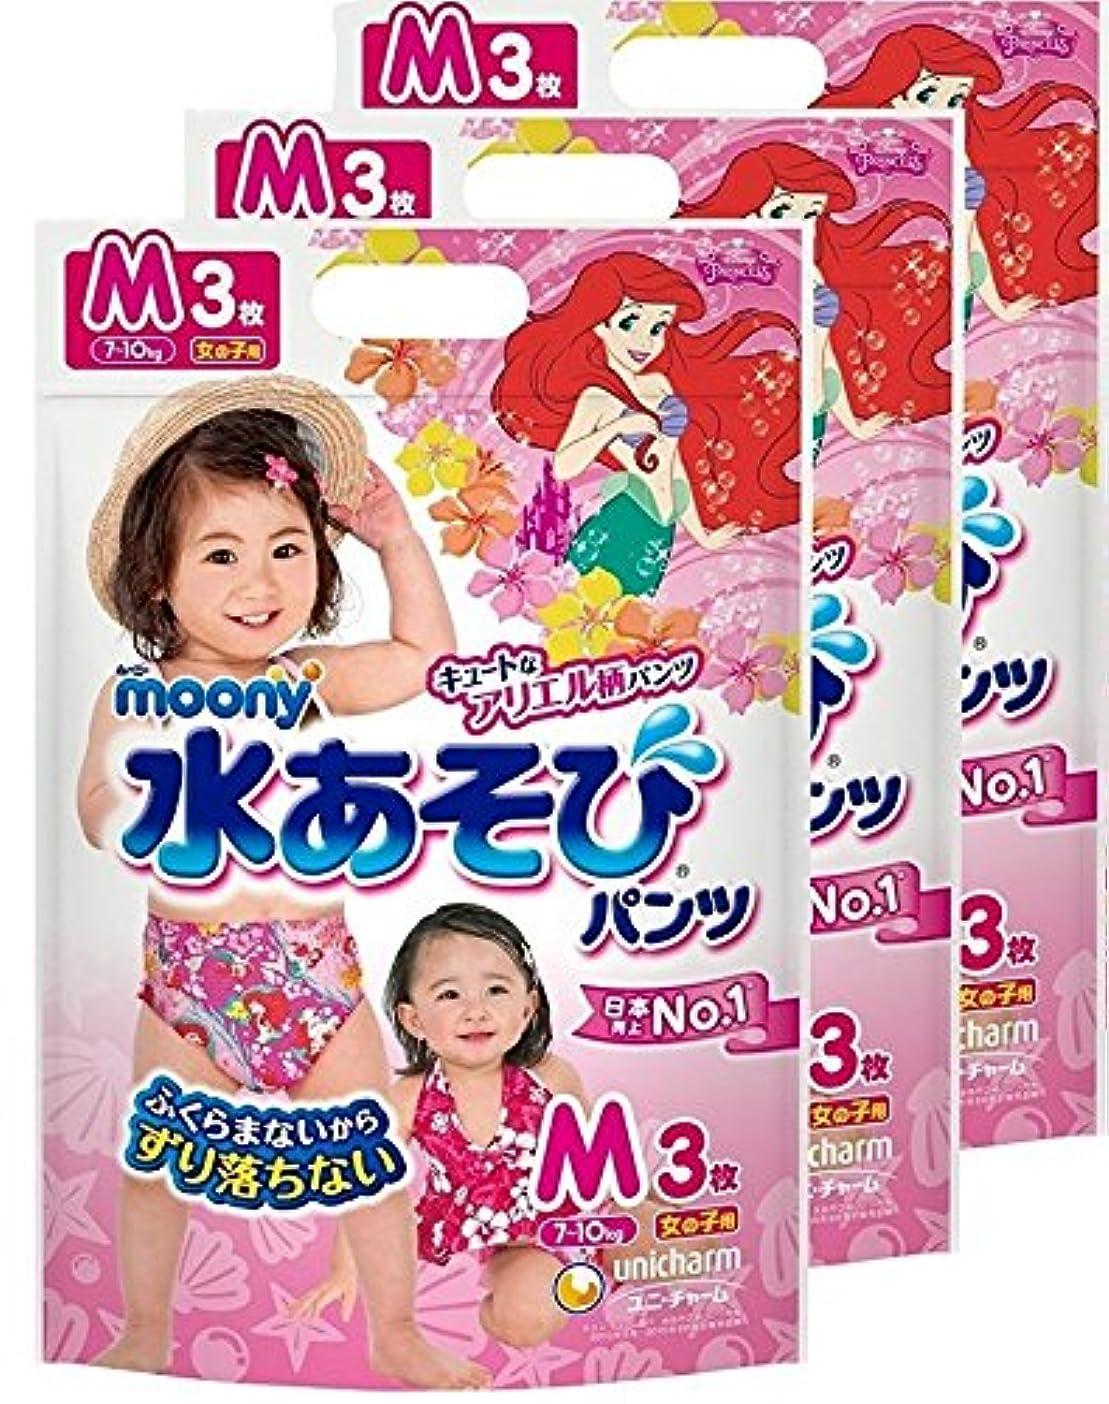 オリエント極小花ムーニー 水あそびパンツ 女の子用 Mサイズ 9枚(3枚×3個)